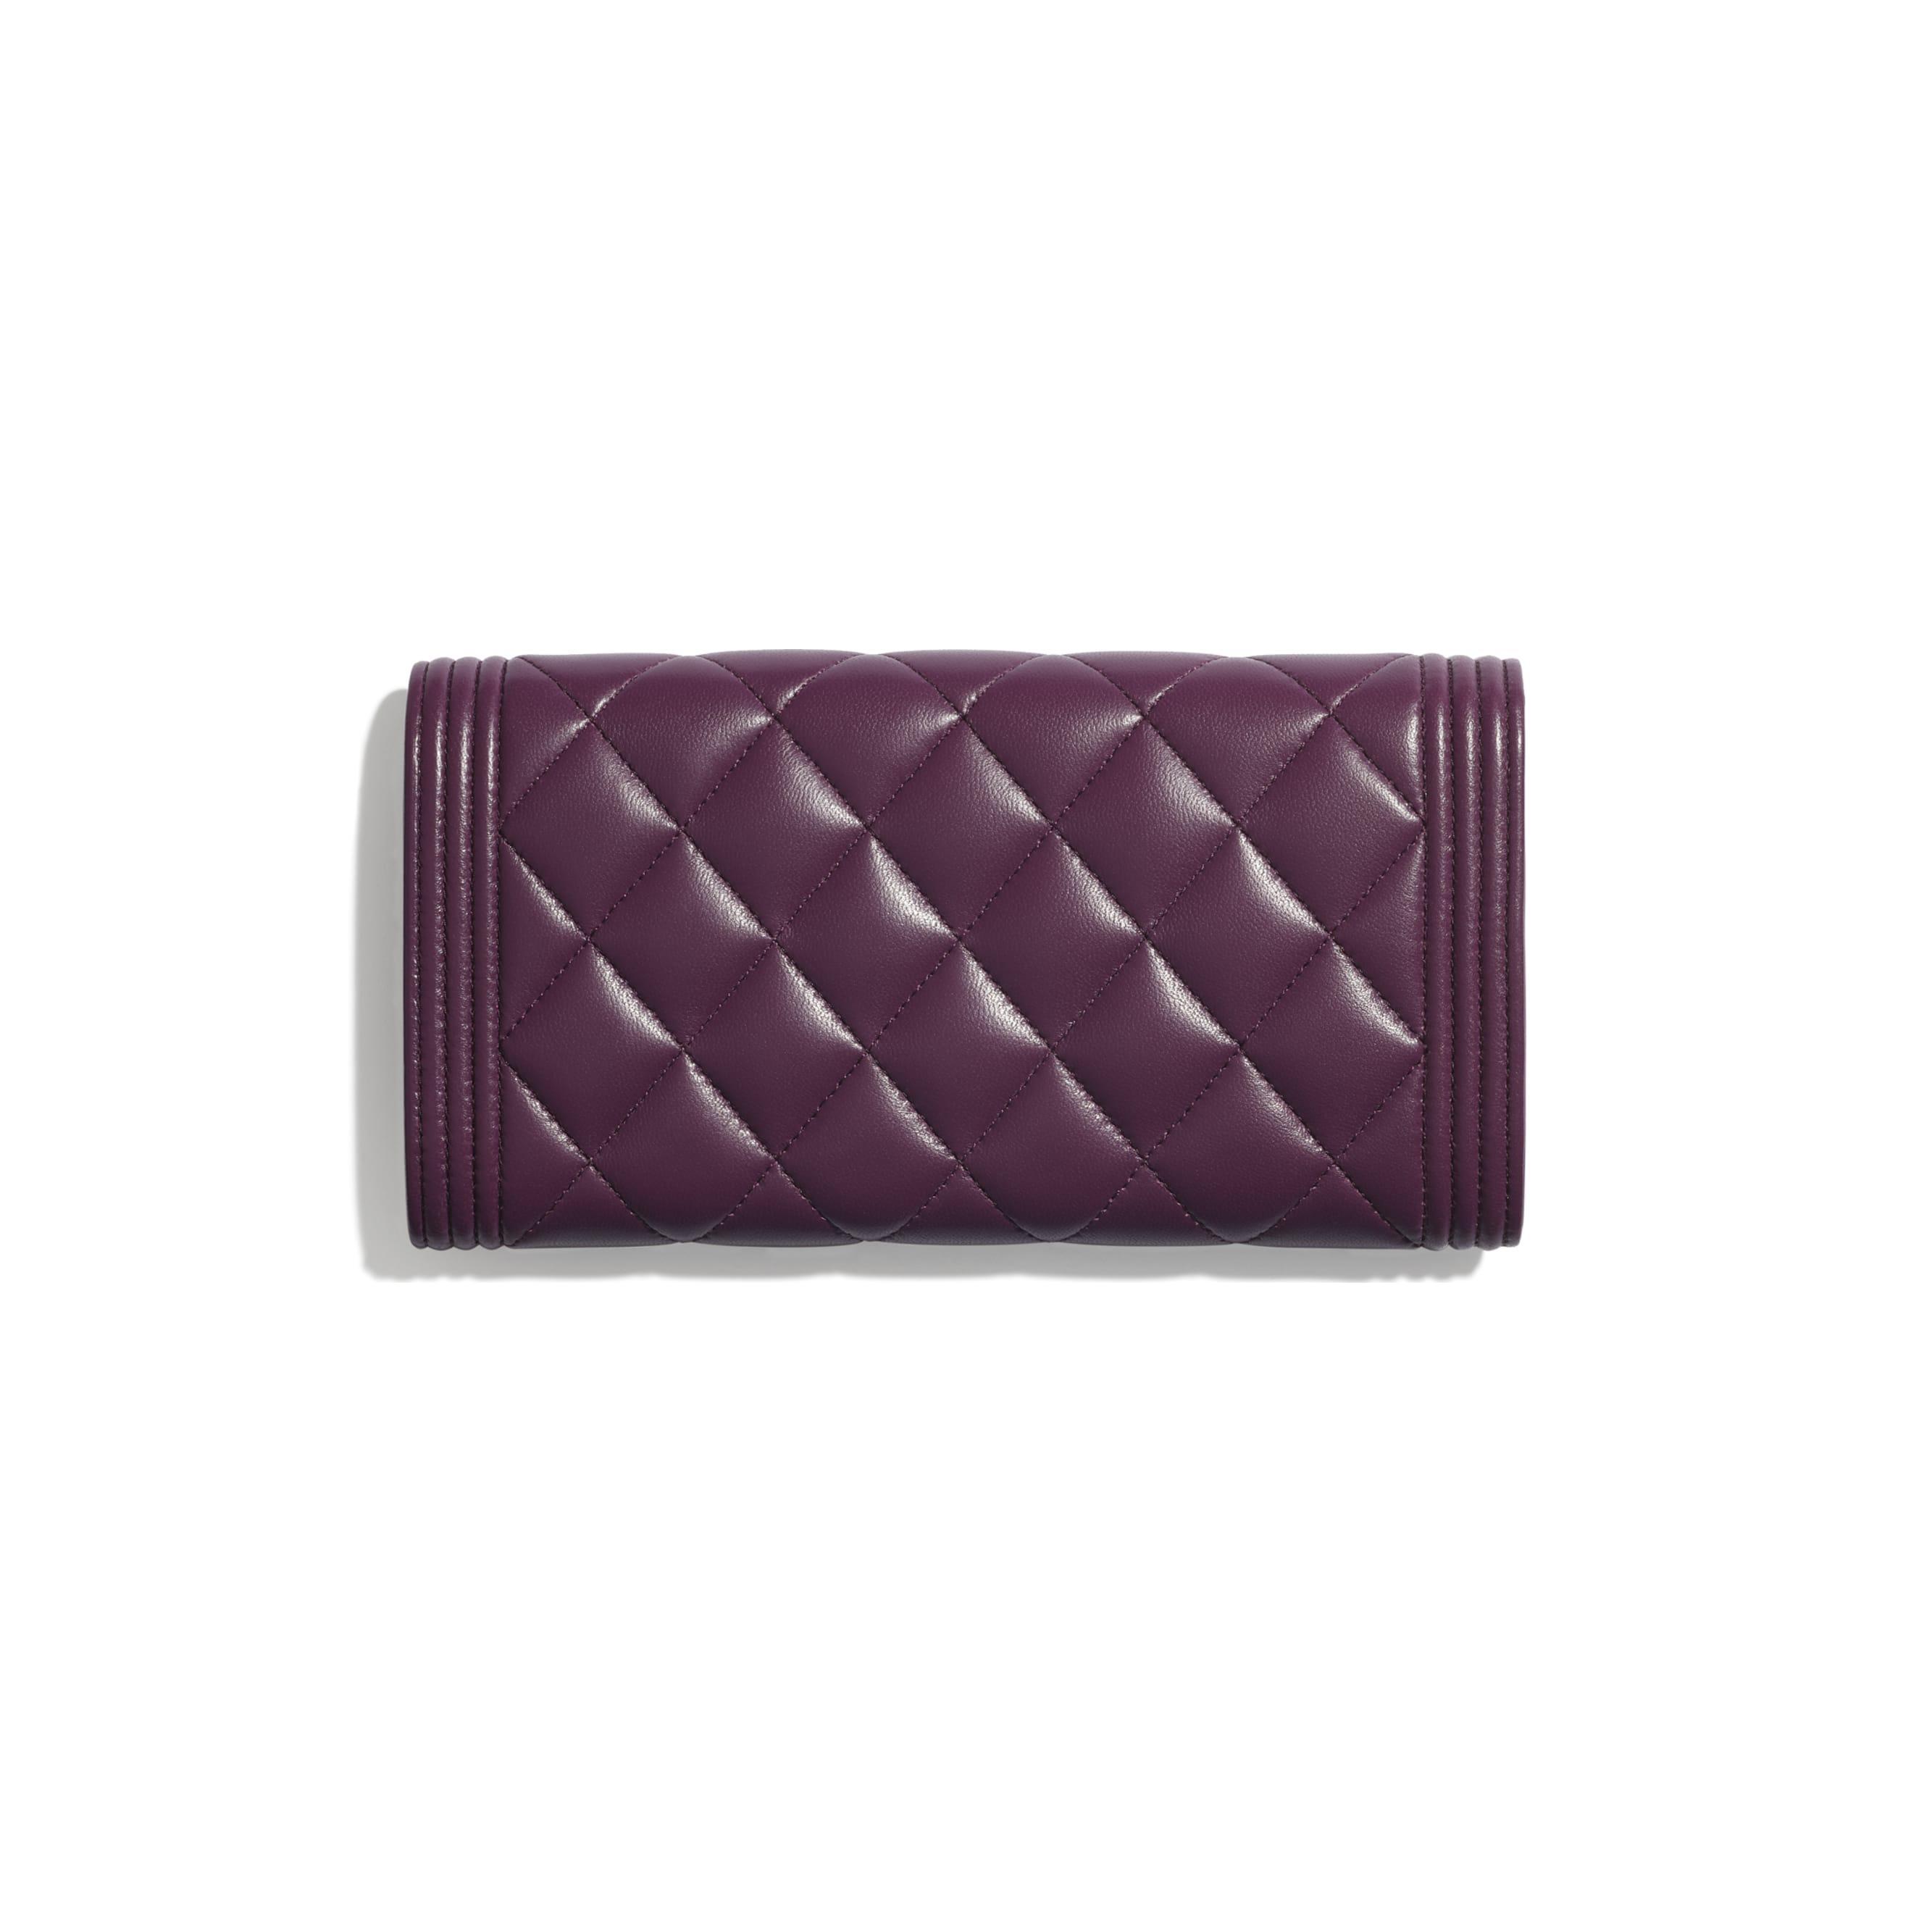 Długi portfel BOY CHANEL z klapką - Kolor fioletowy - Skóra jagnięca i metal w tonacji złotej - CHANEL - Widok alternatywny – zobacz w standardowym rozmiarze